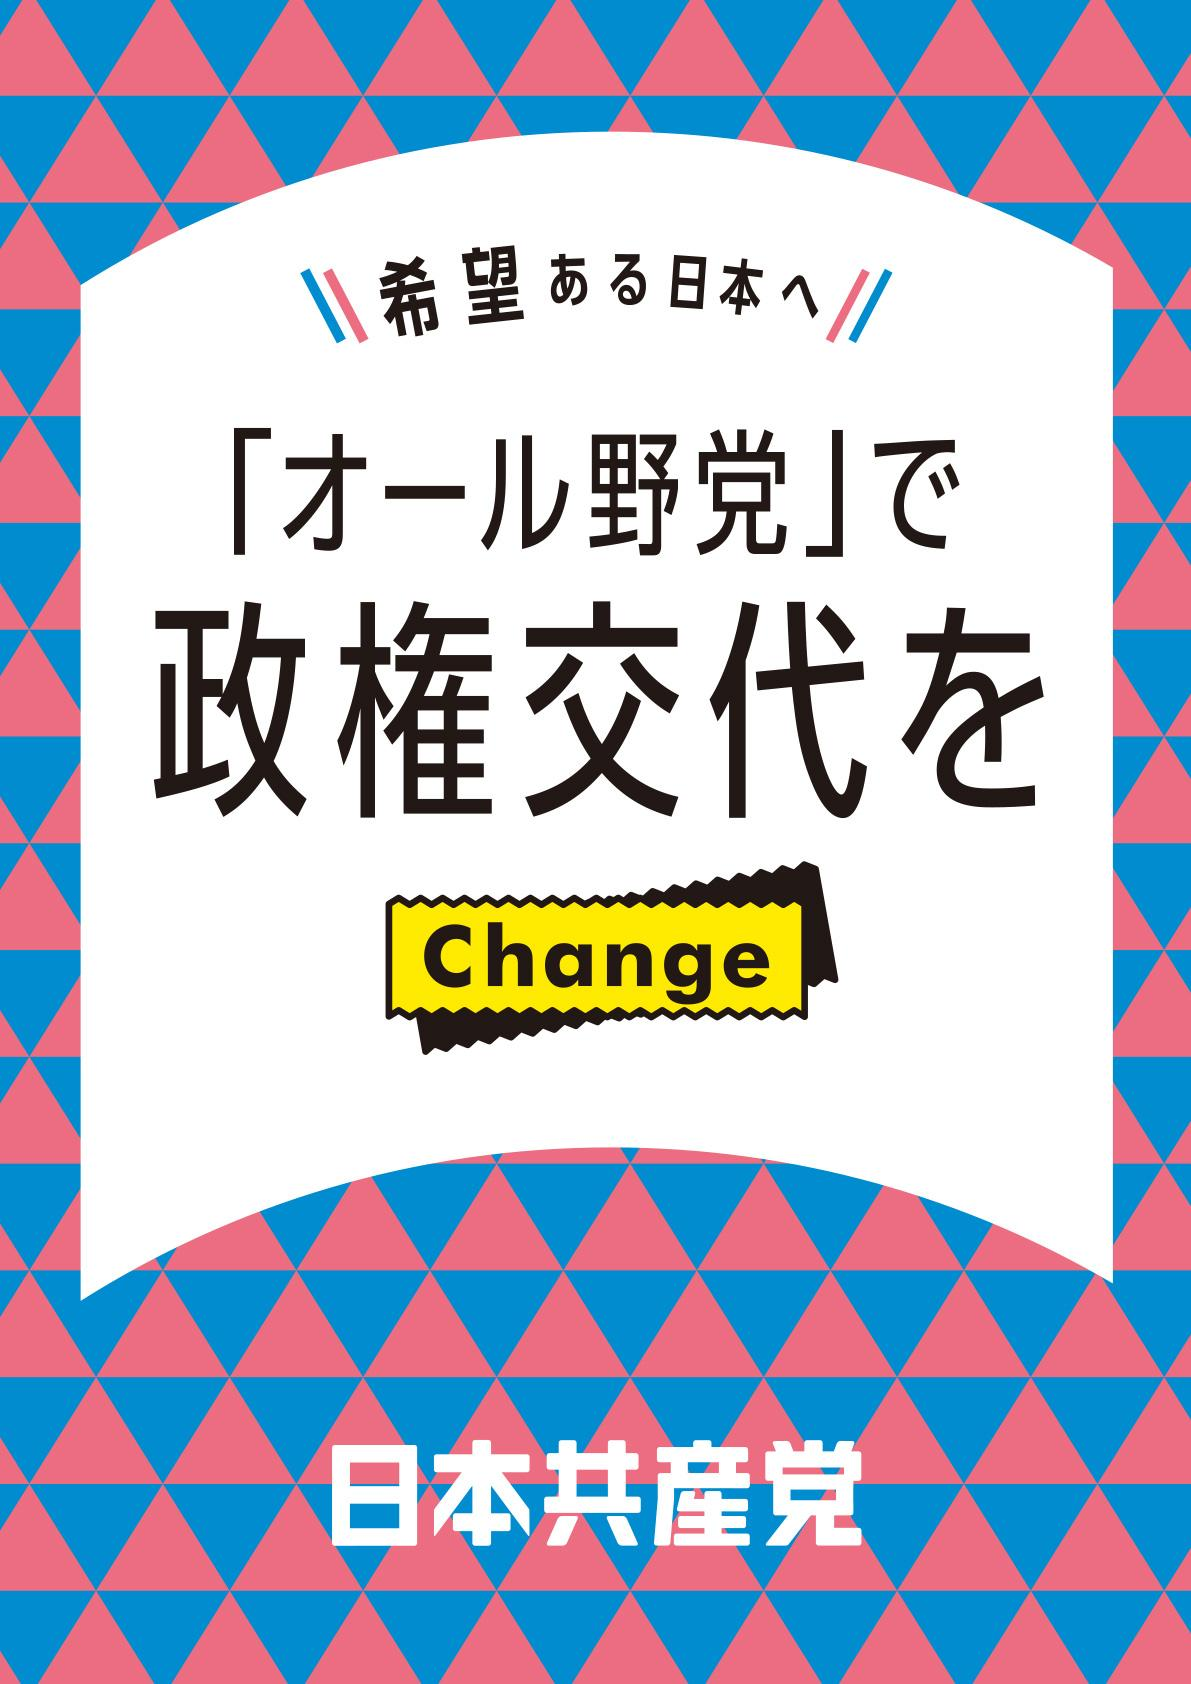 希望ある日本へ 「オール野党」で政権交代を